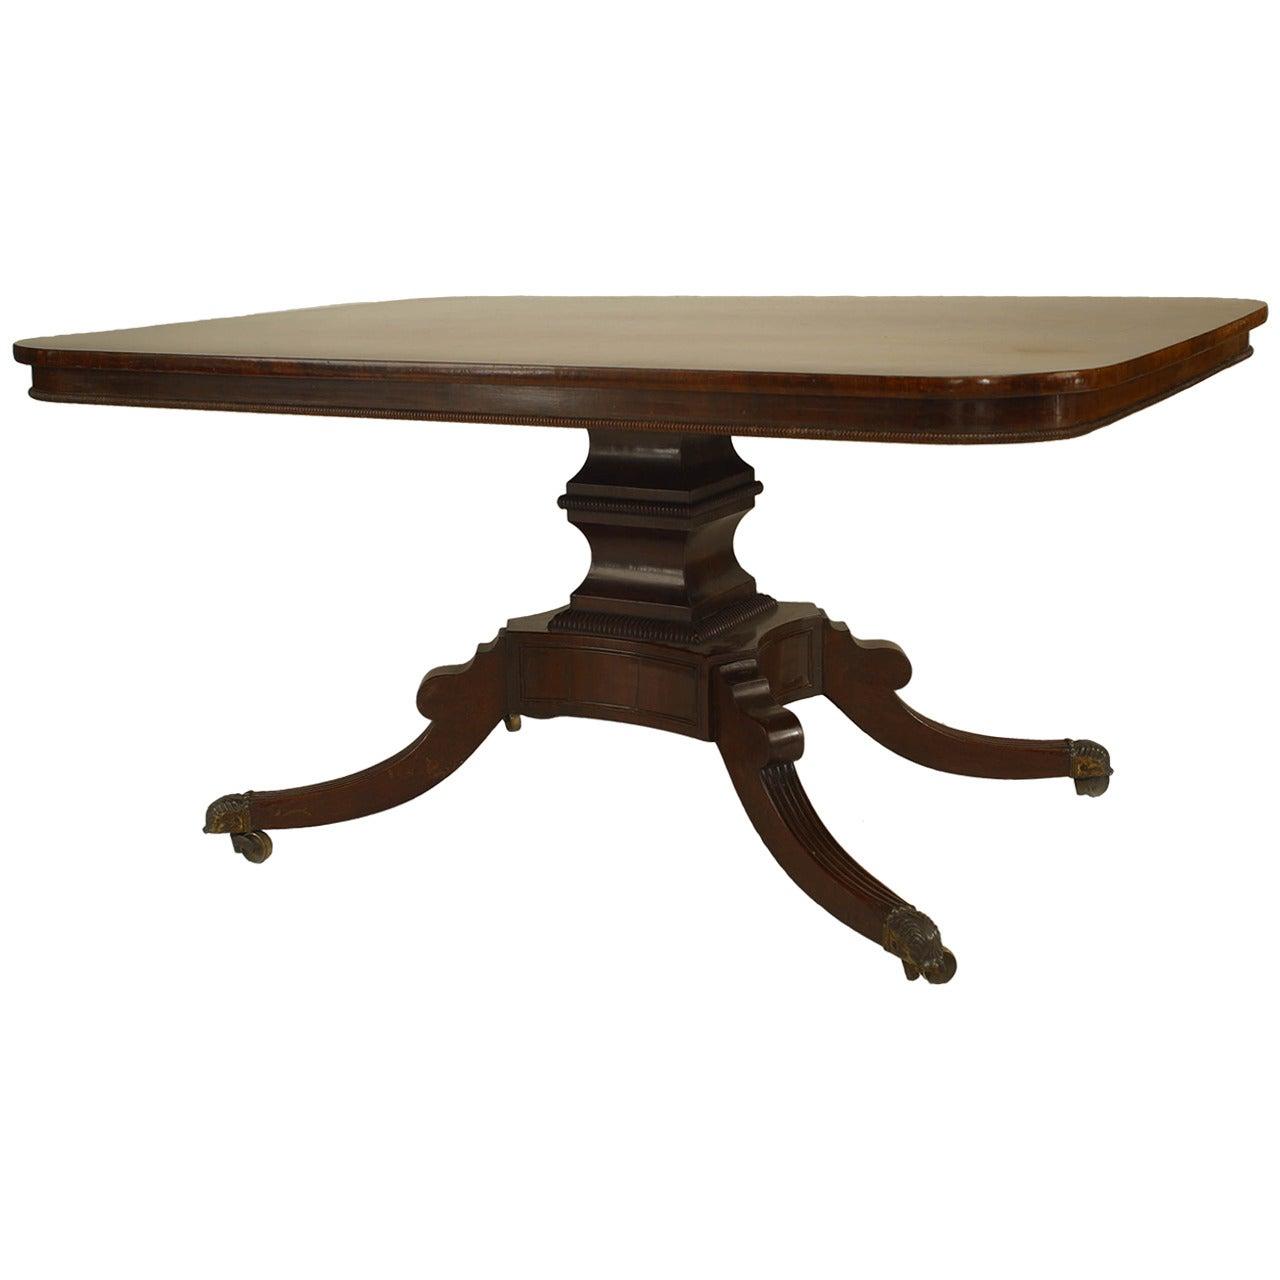 English Sheraton Mahogany Dining Table